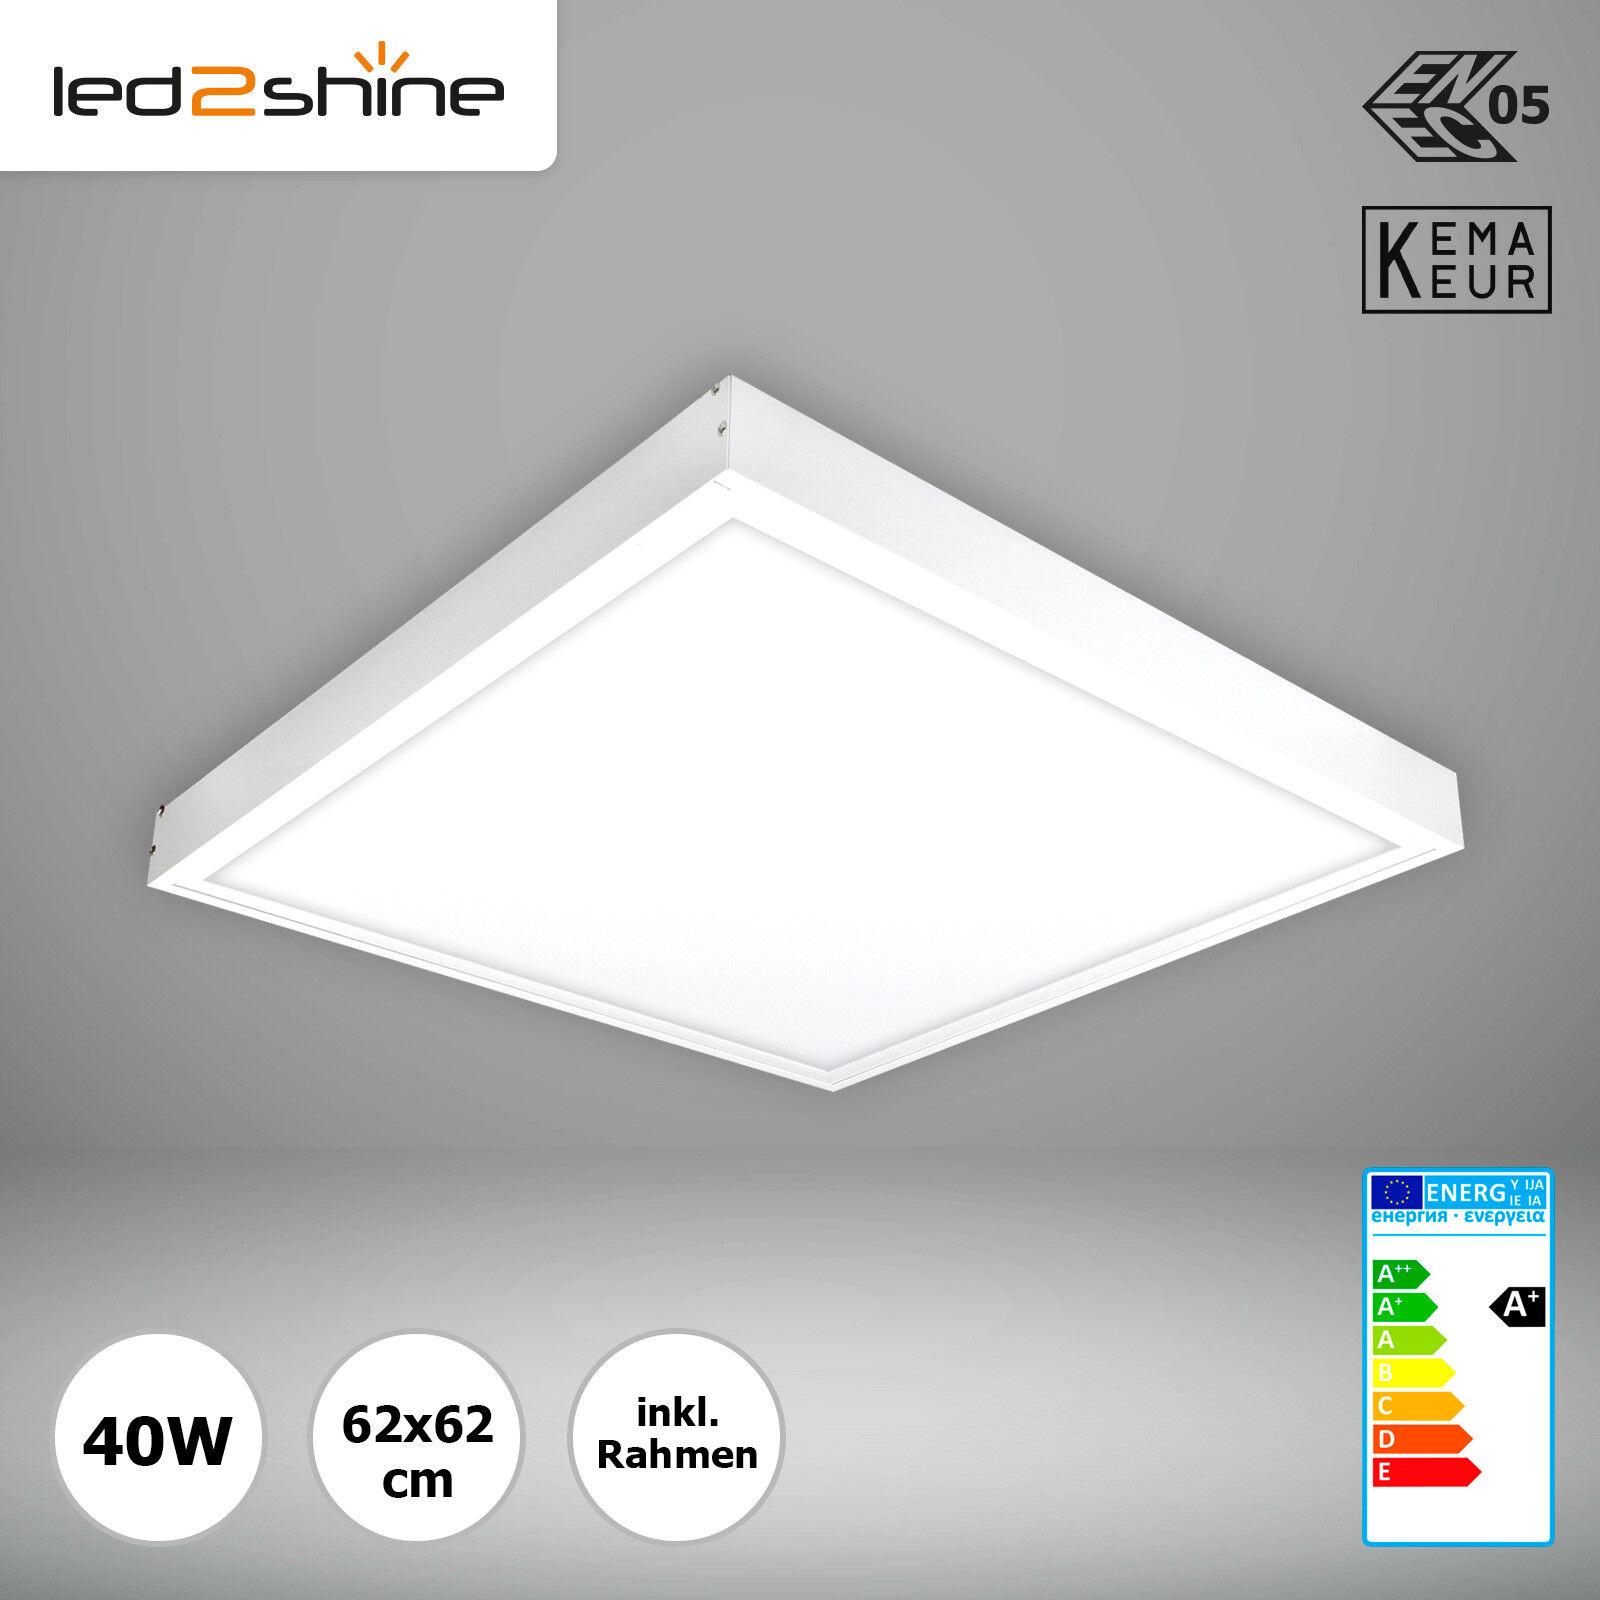 LED lámpara de techo regulable la luz del día sabe 6000k LED Panel 62x62 40w + aufputzrahmen